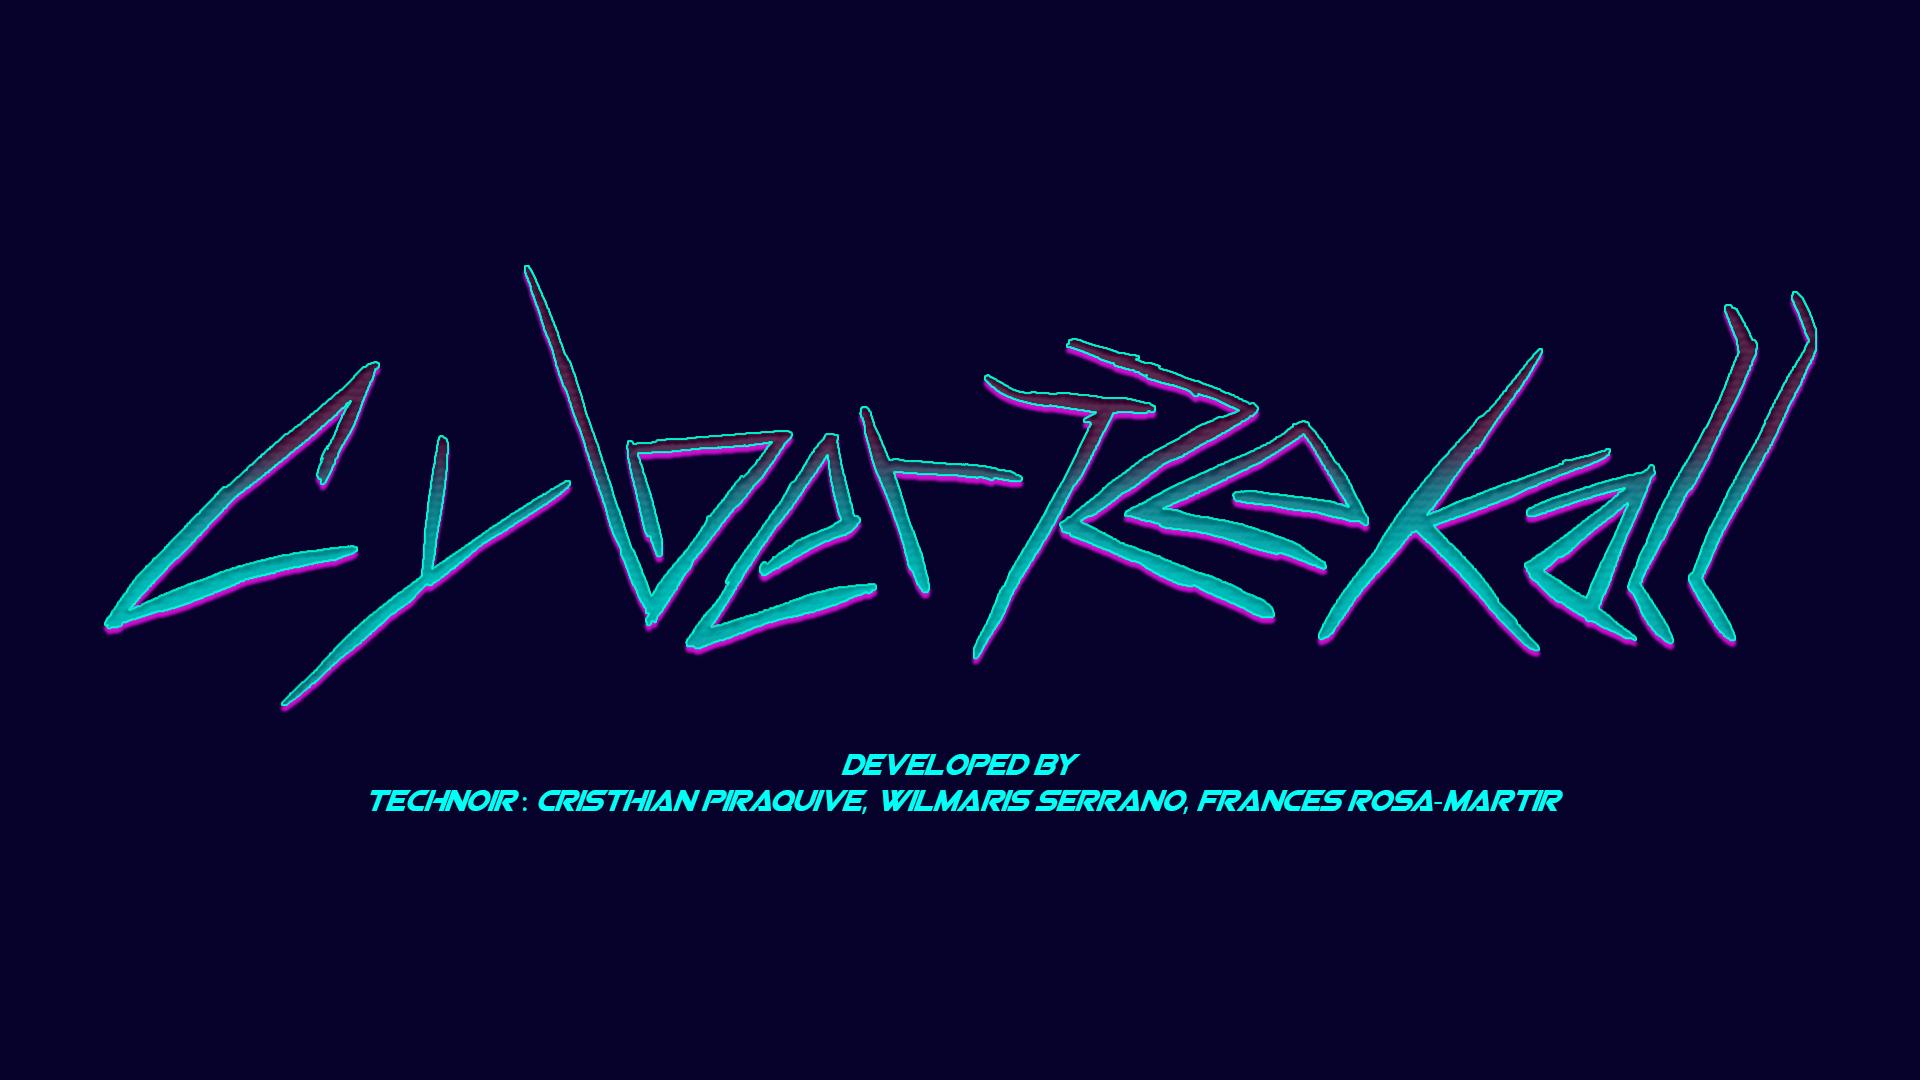 CyberRekall